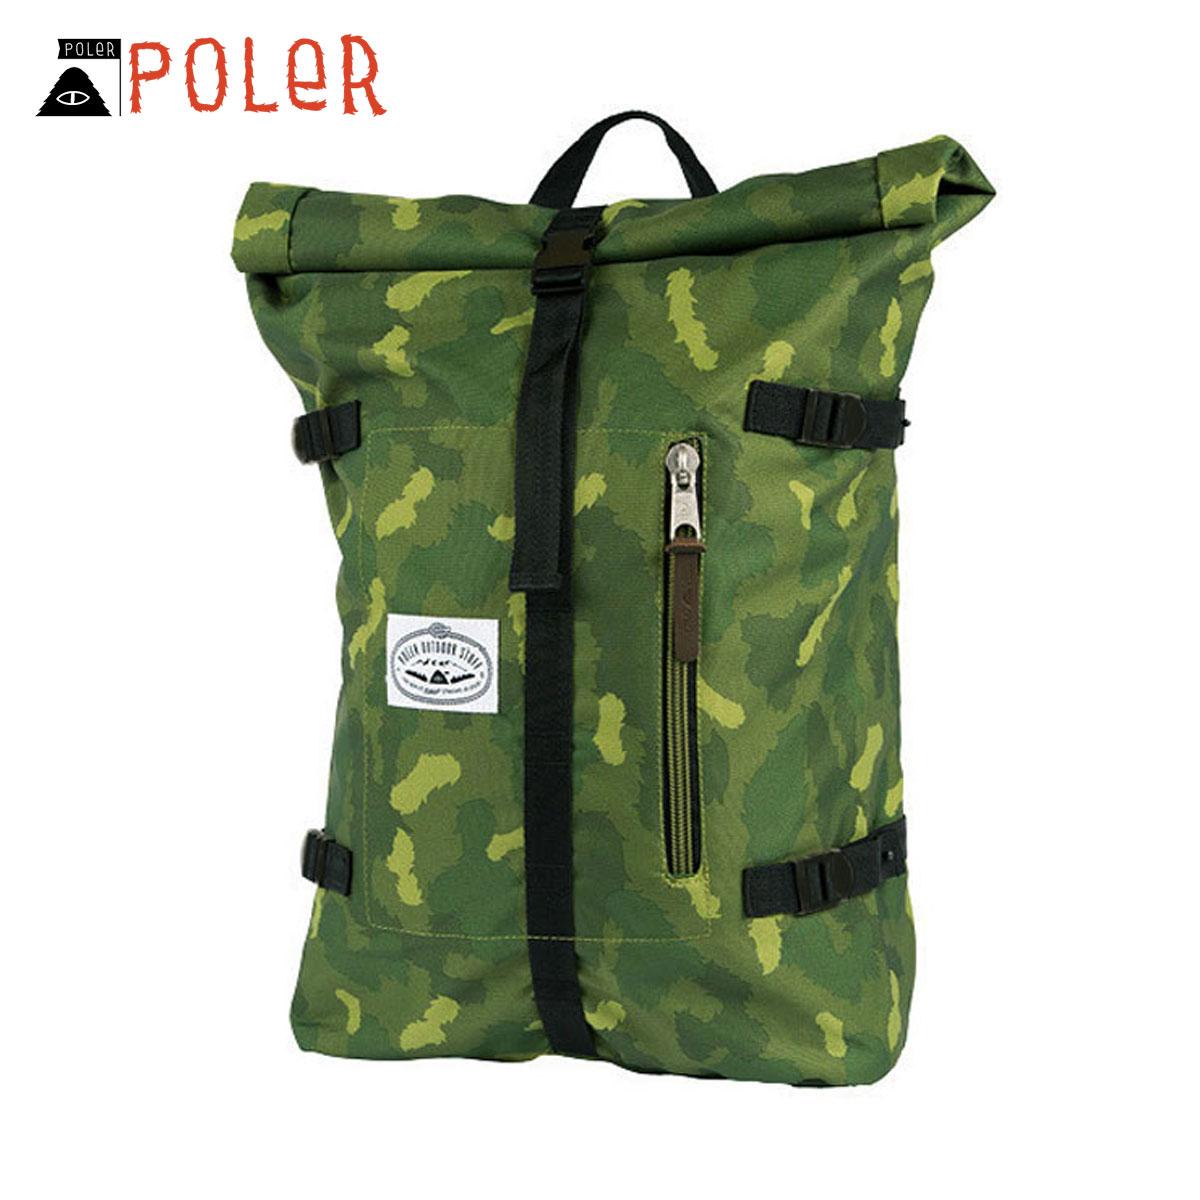 ポーラー POLER 正規販売店 バックパック リュックサック RETRO ROLLTOP 532021-GCO GREEN CAMO